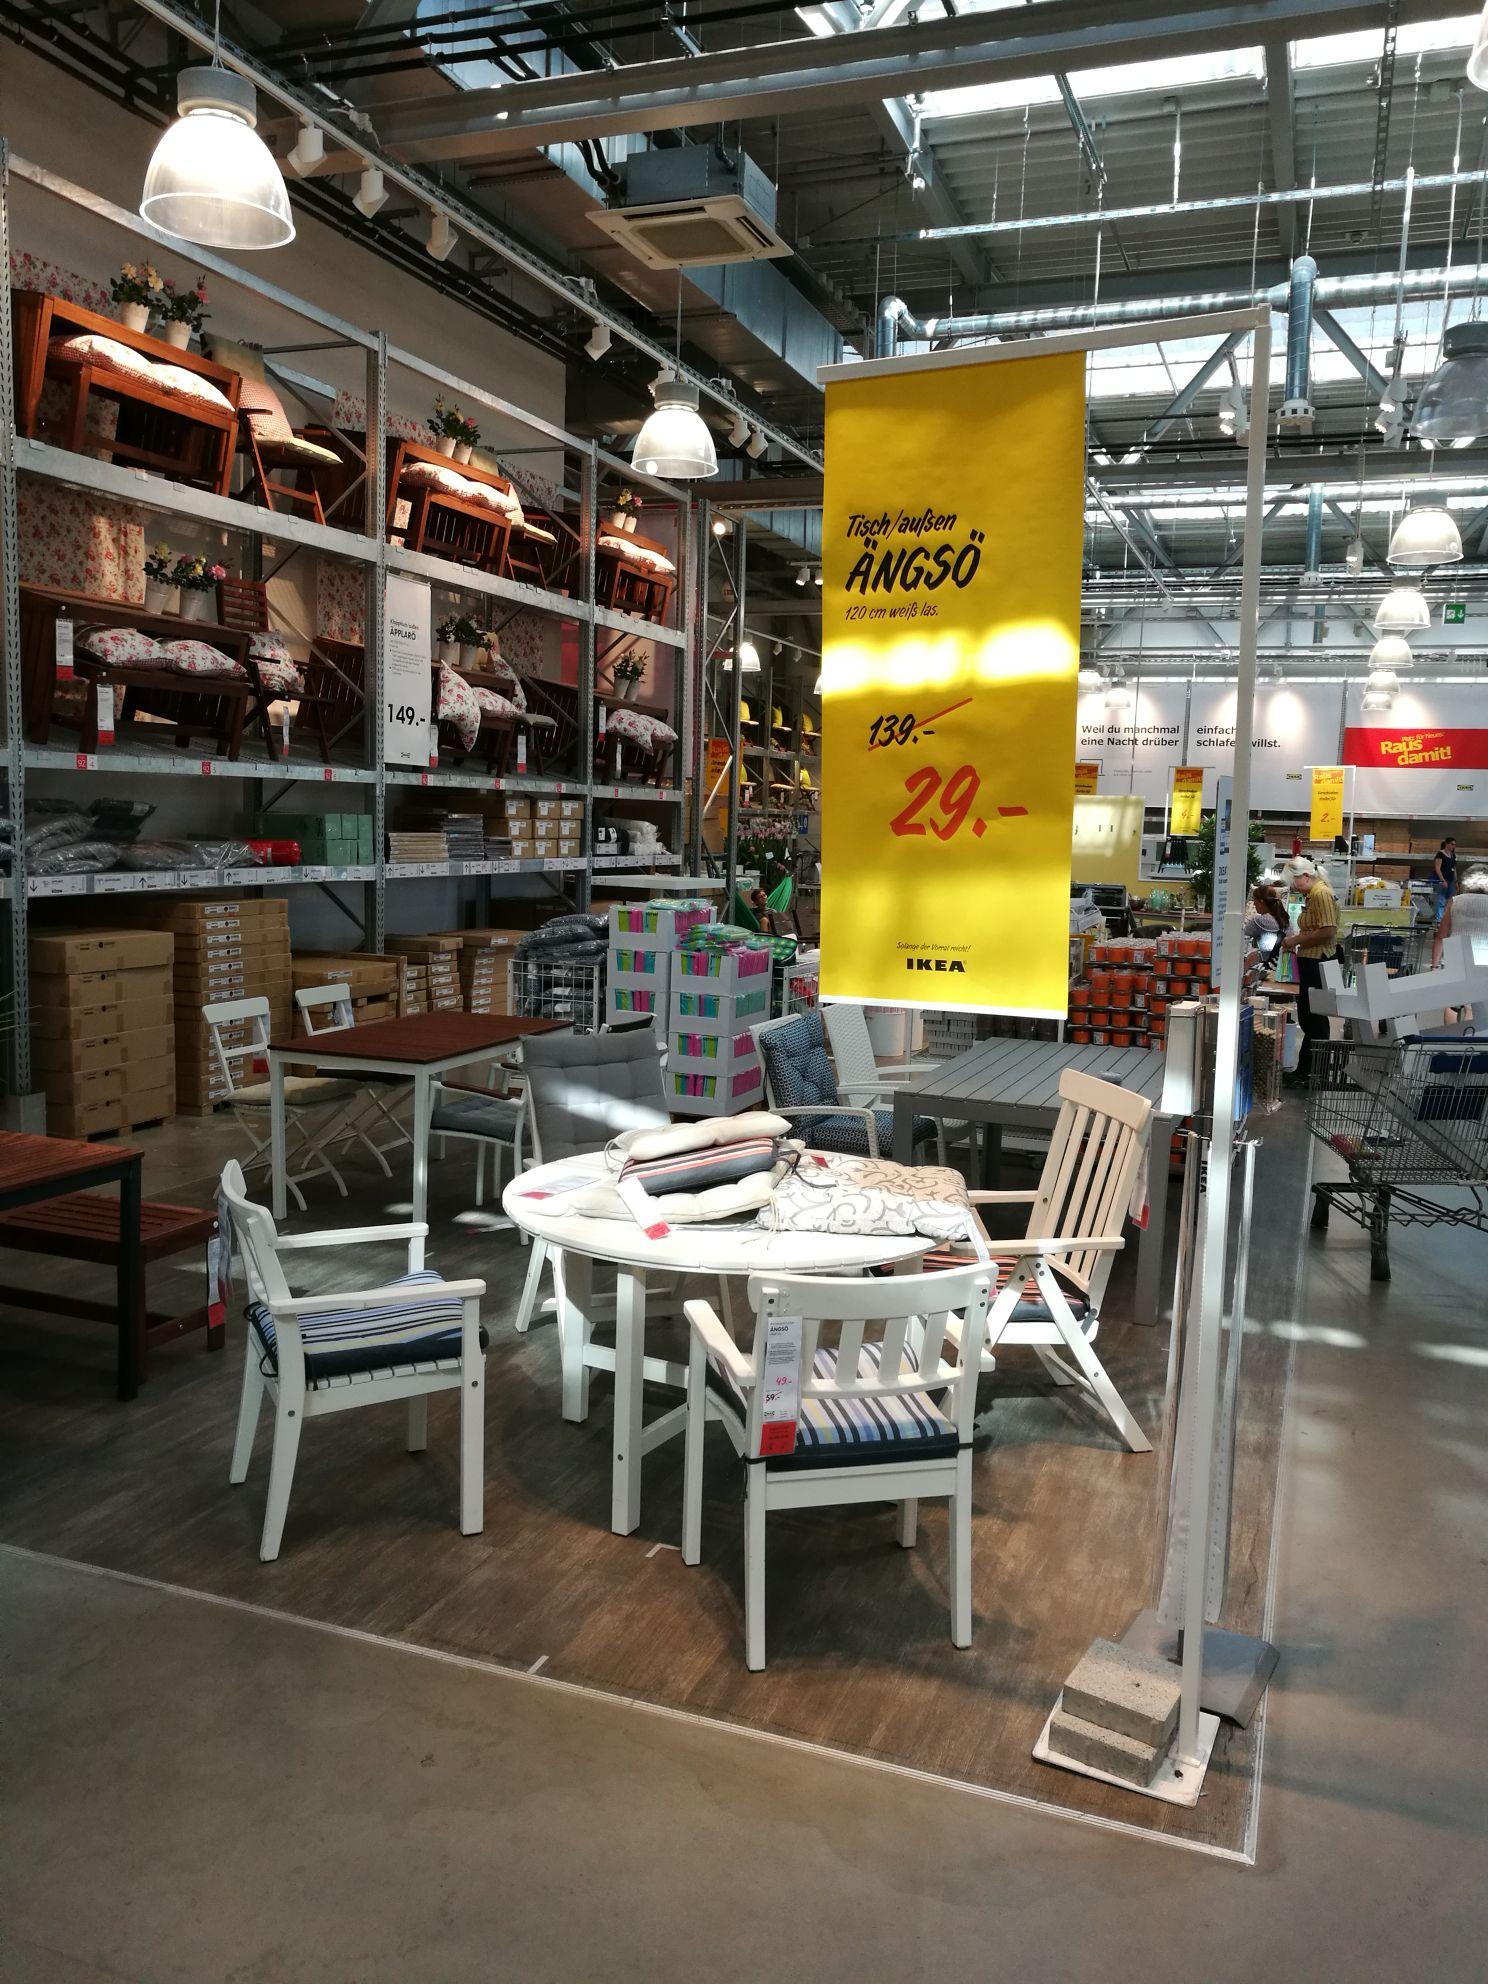 Tisch außen Ängsö von Ikea